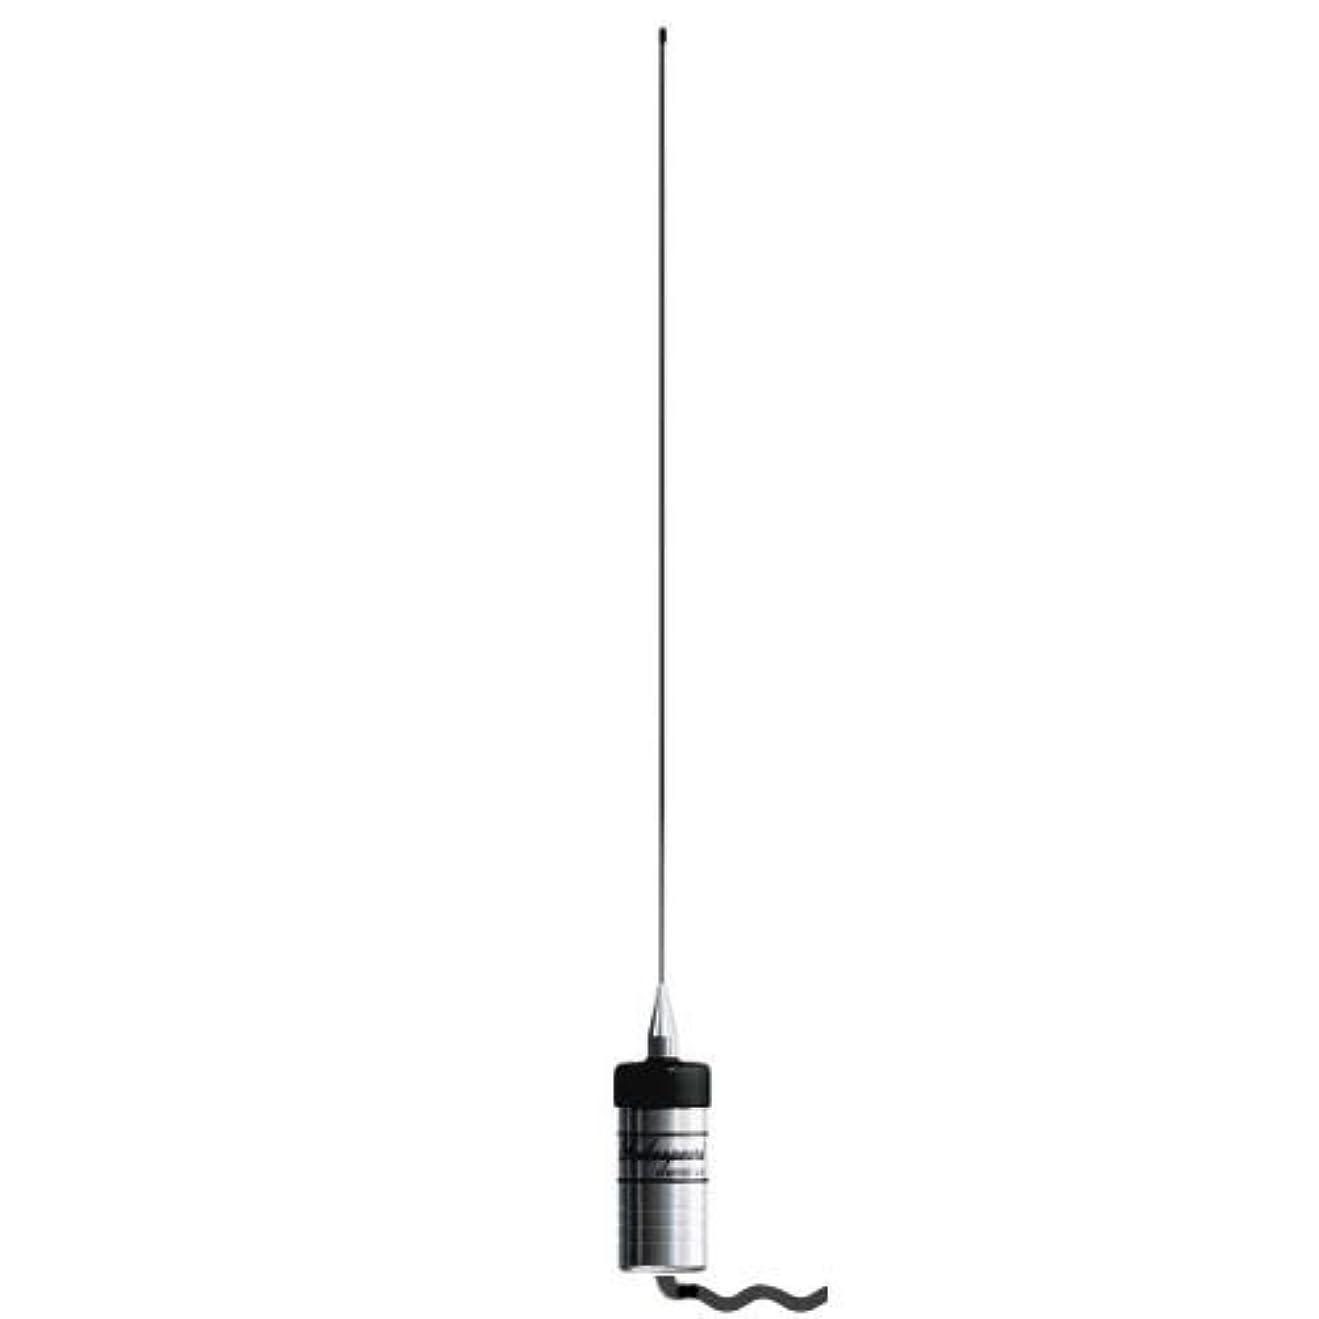 国際VHFアンテナ4400 同軸?????4.5m,????付属/金具なし